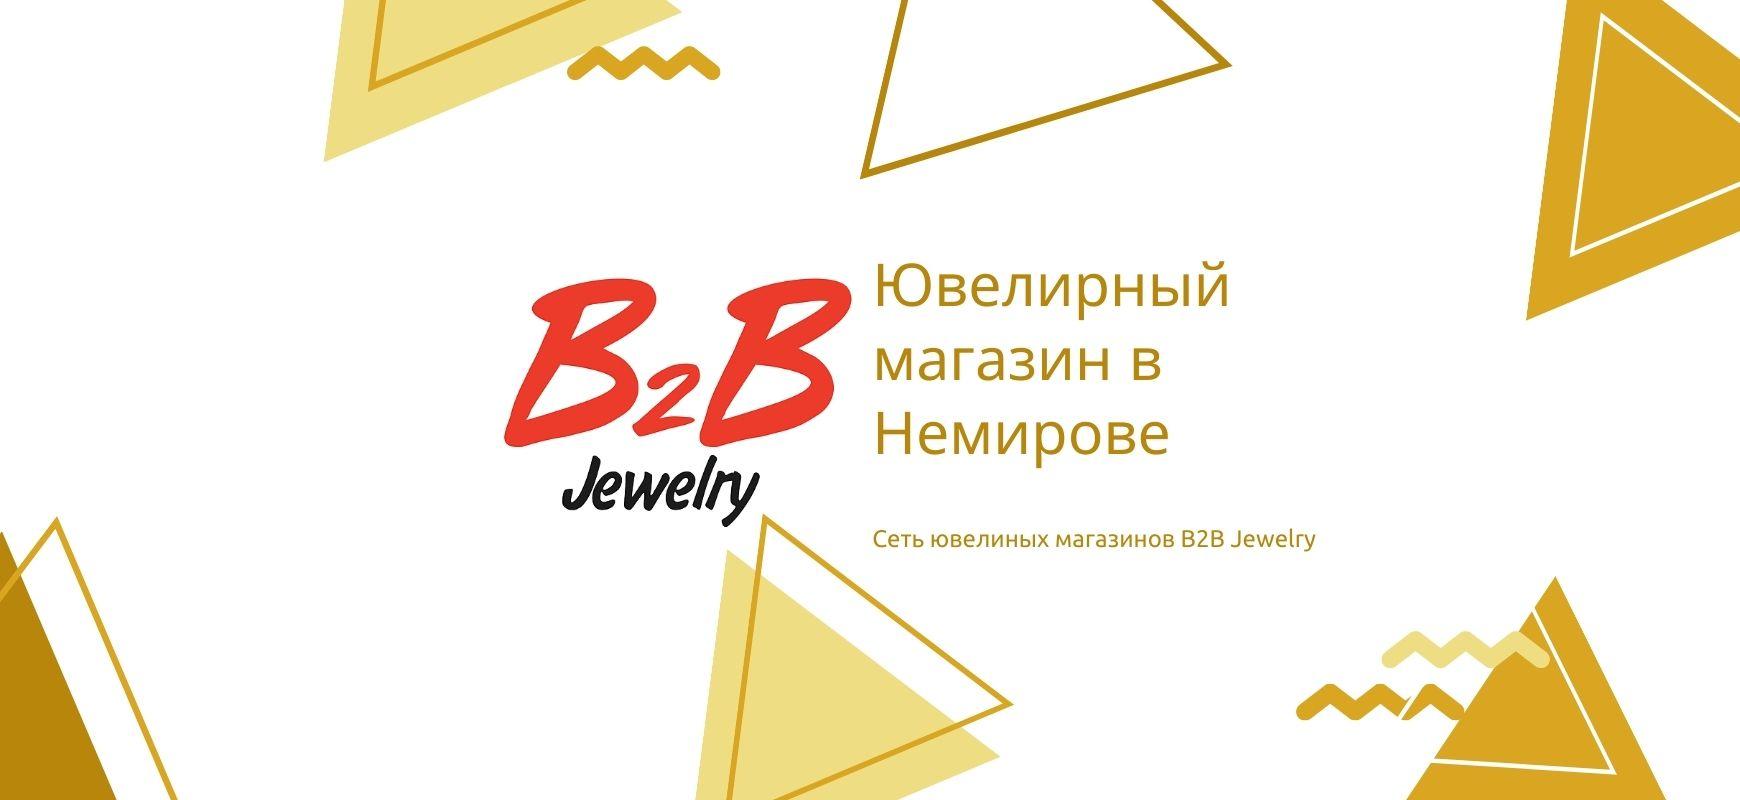 B2B JEWELRY НЕМИРОВ